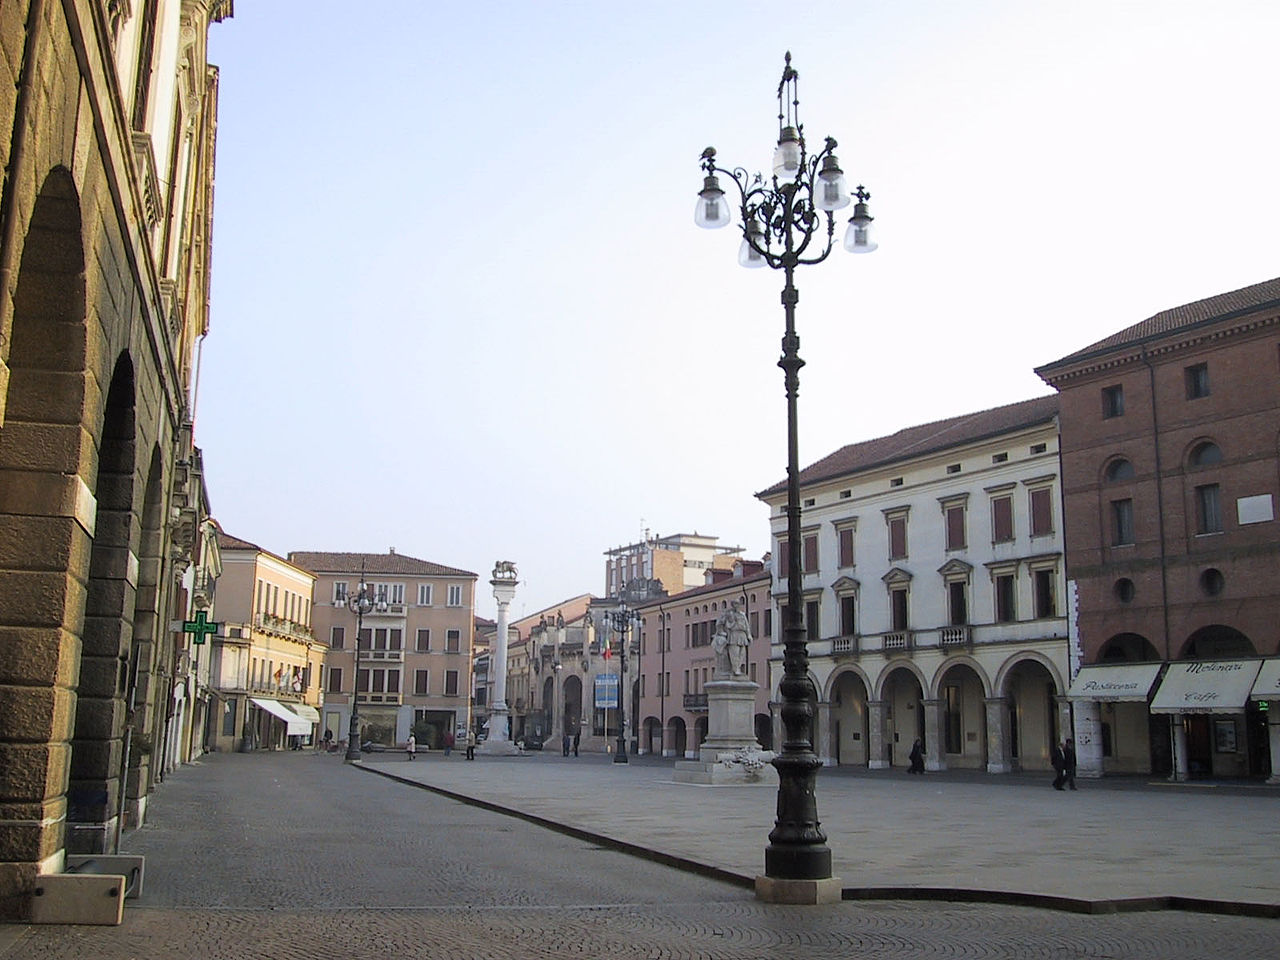 1280px-Piazza_vittorio_emanuele_rovigo